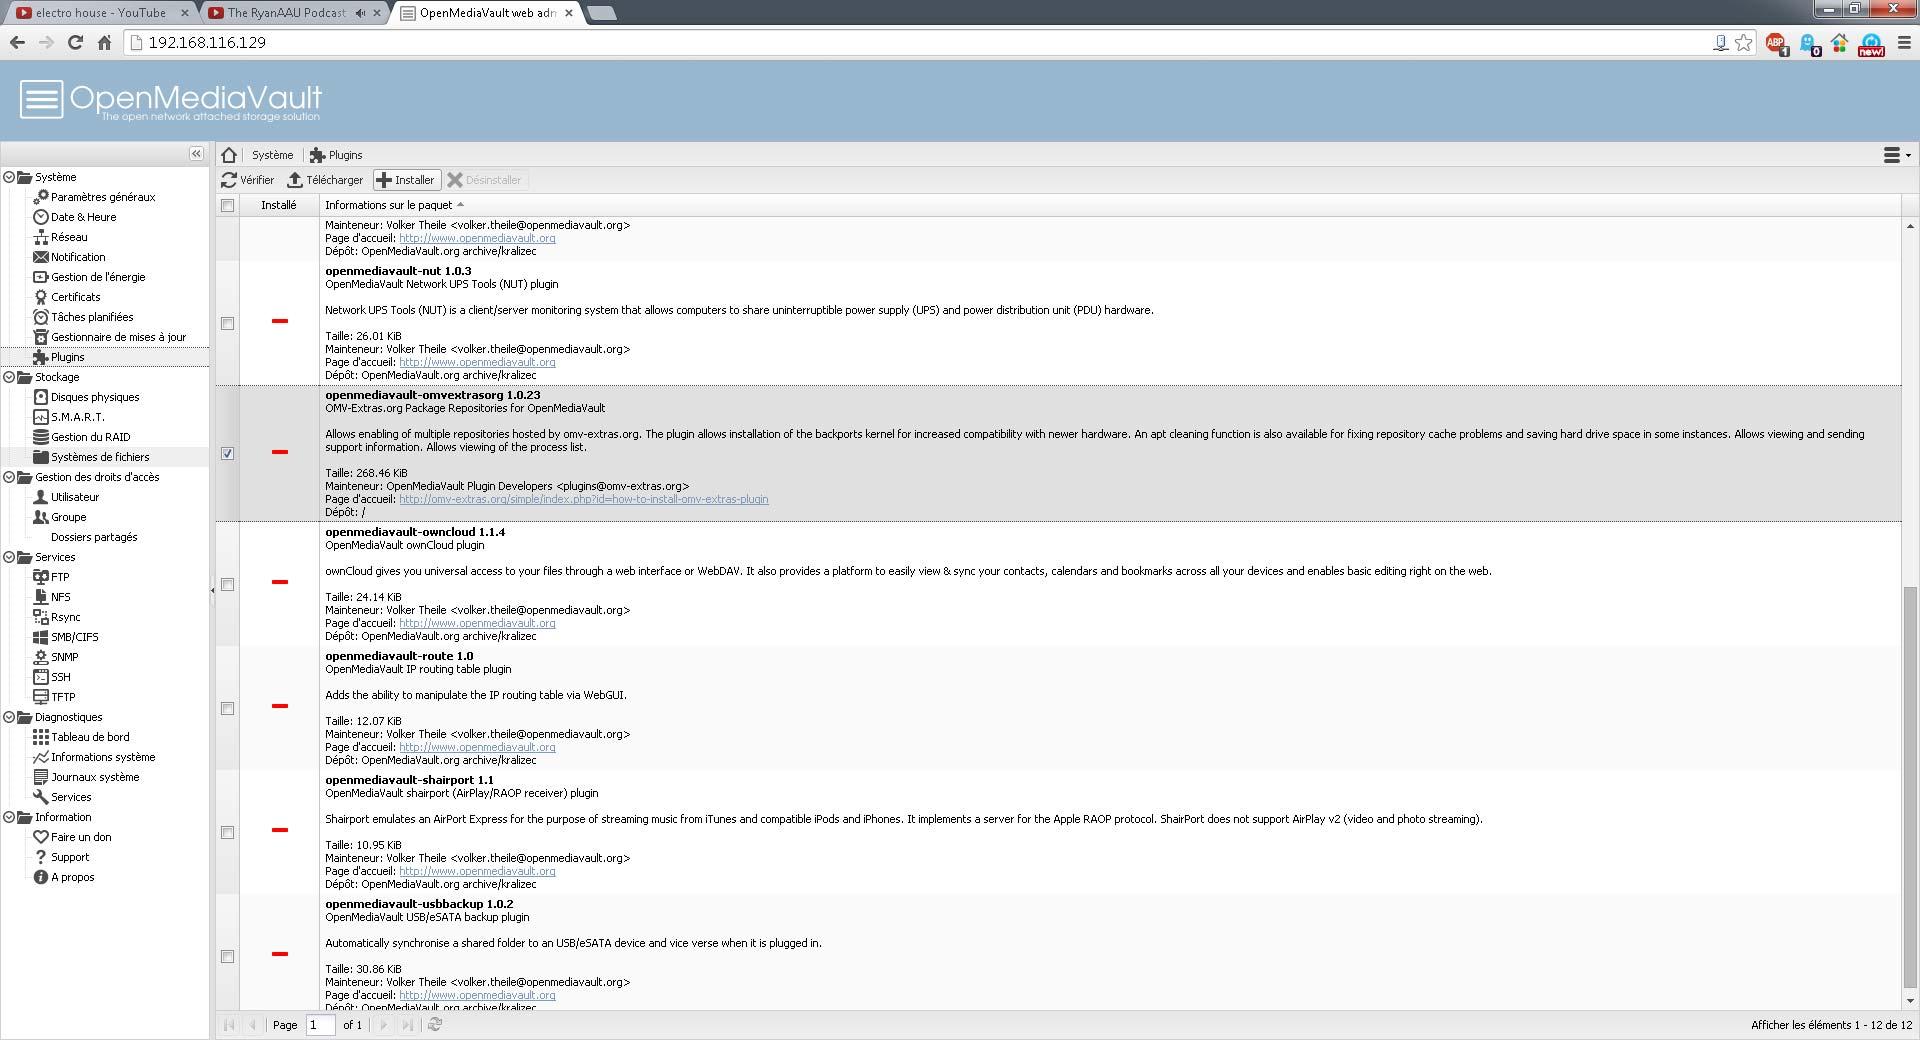 Nous avons omv-extra dans la liste des plugins disponible. Il suffit de le sélectionner et cliquer sur 'Installer'